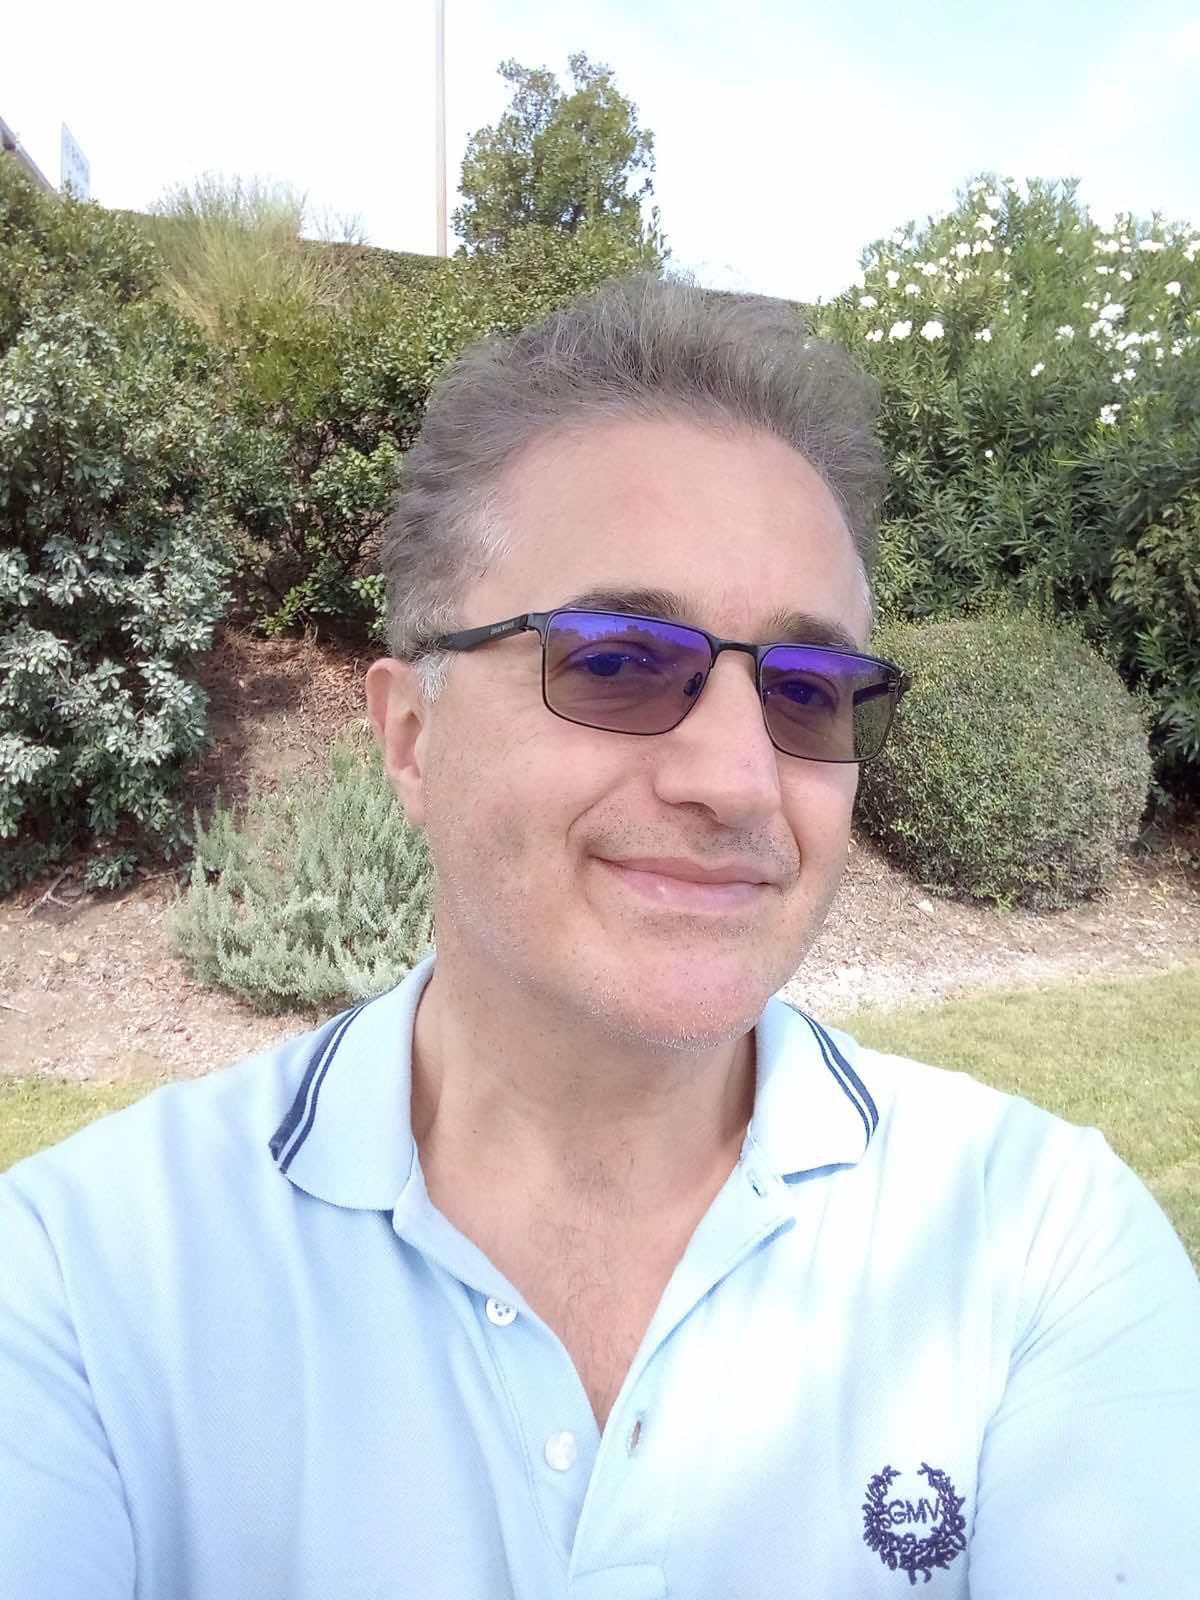 Judge Alfonso Grazuano from Rome